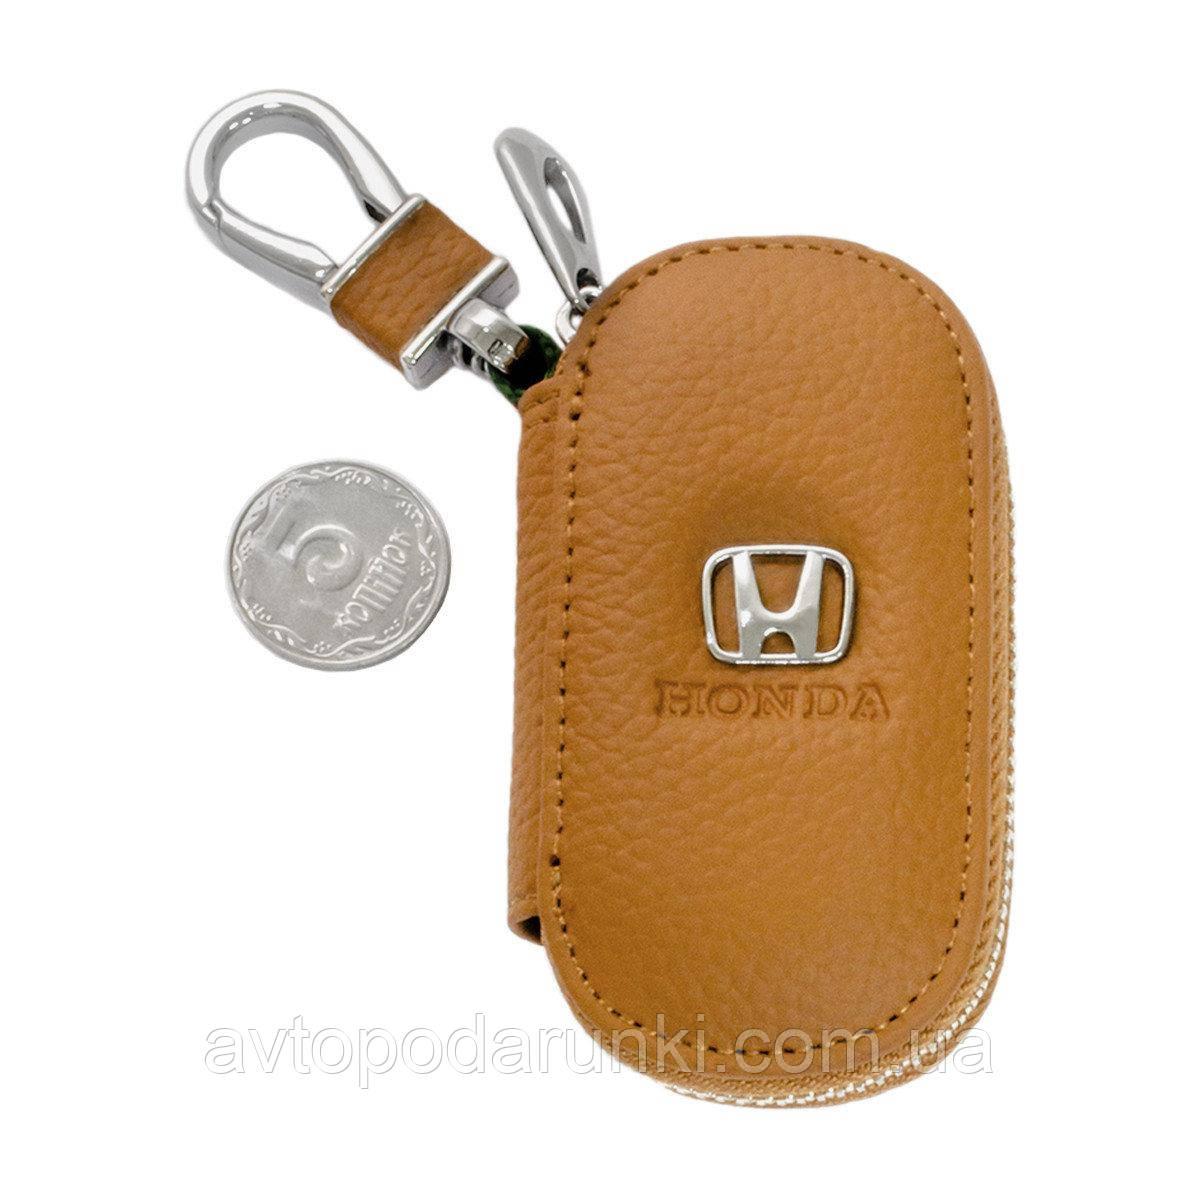 Ключница HONDA, кожаная автоключница с логотипом  ХОНДА (коричневая 08001)